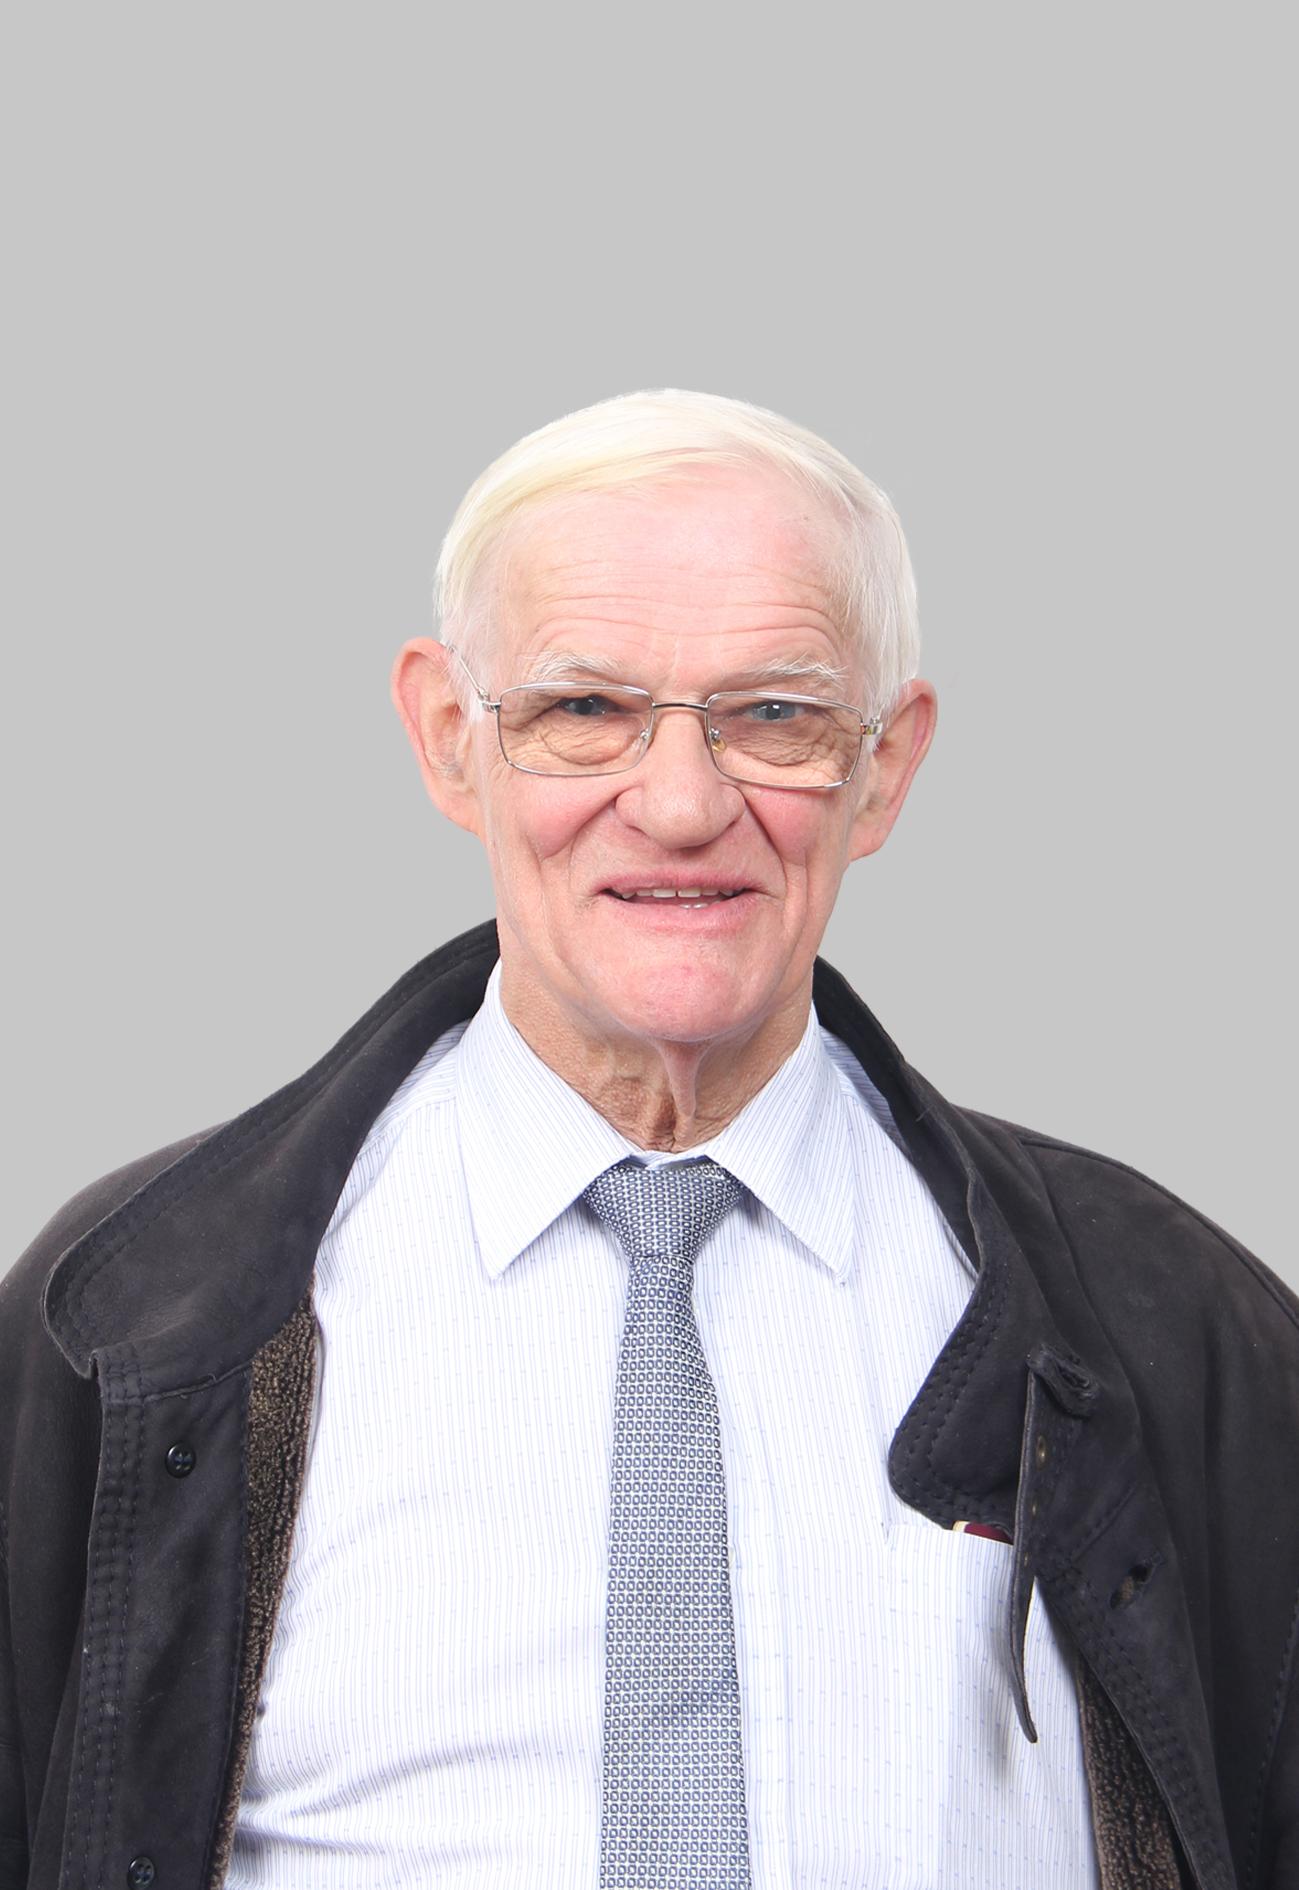 Jan Baeyens